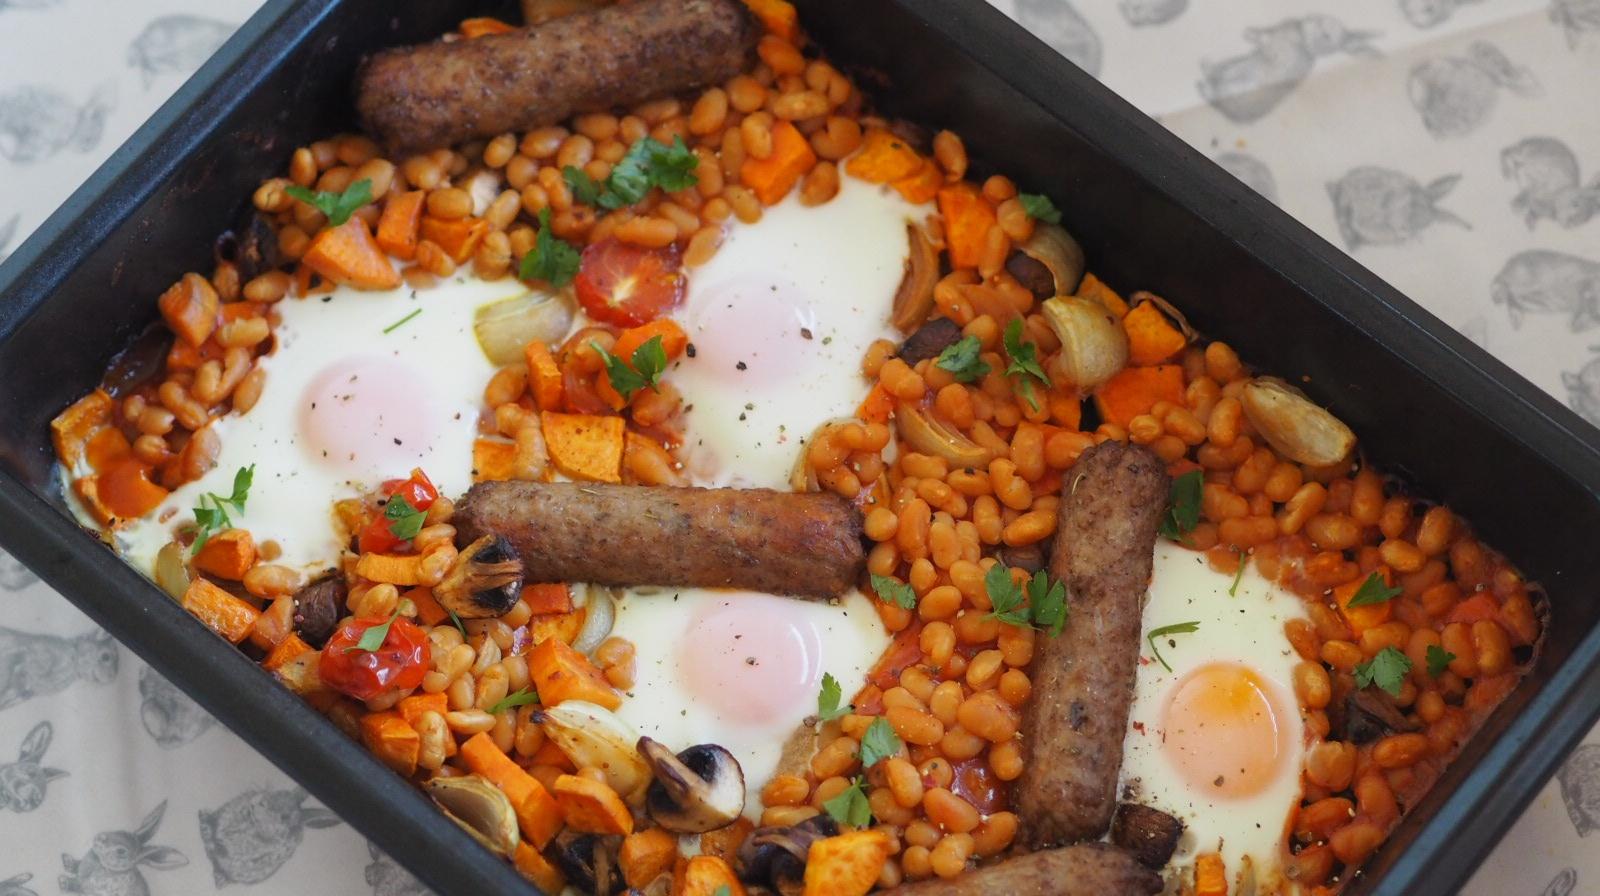 Syn Free veggie Breakfast